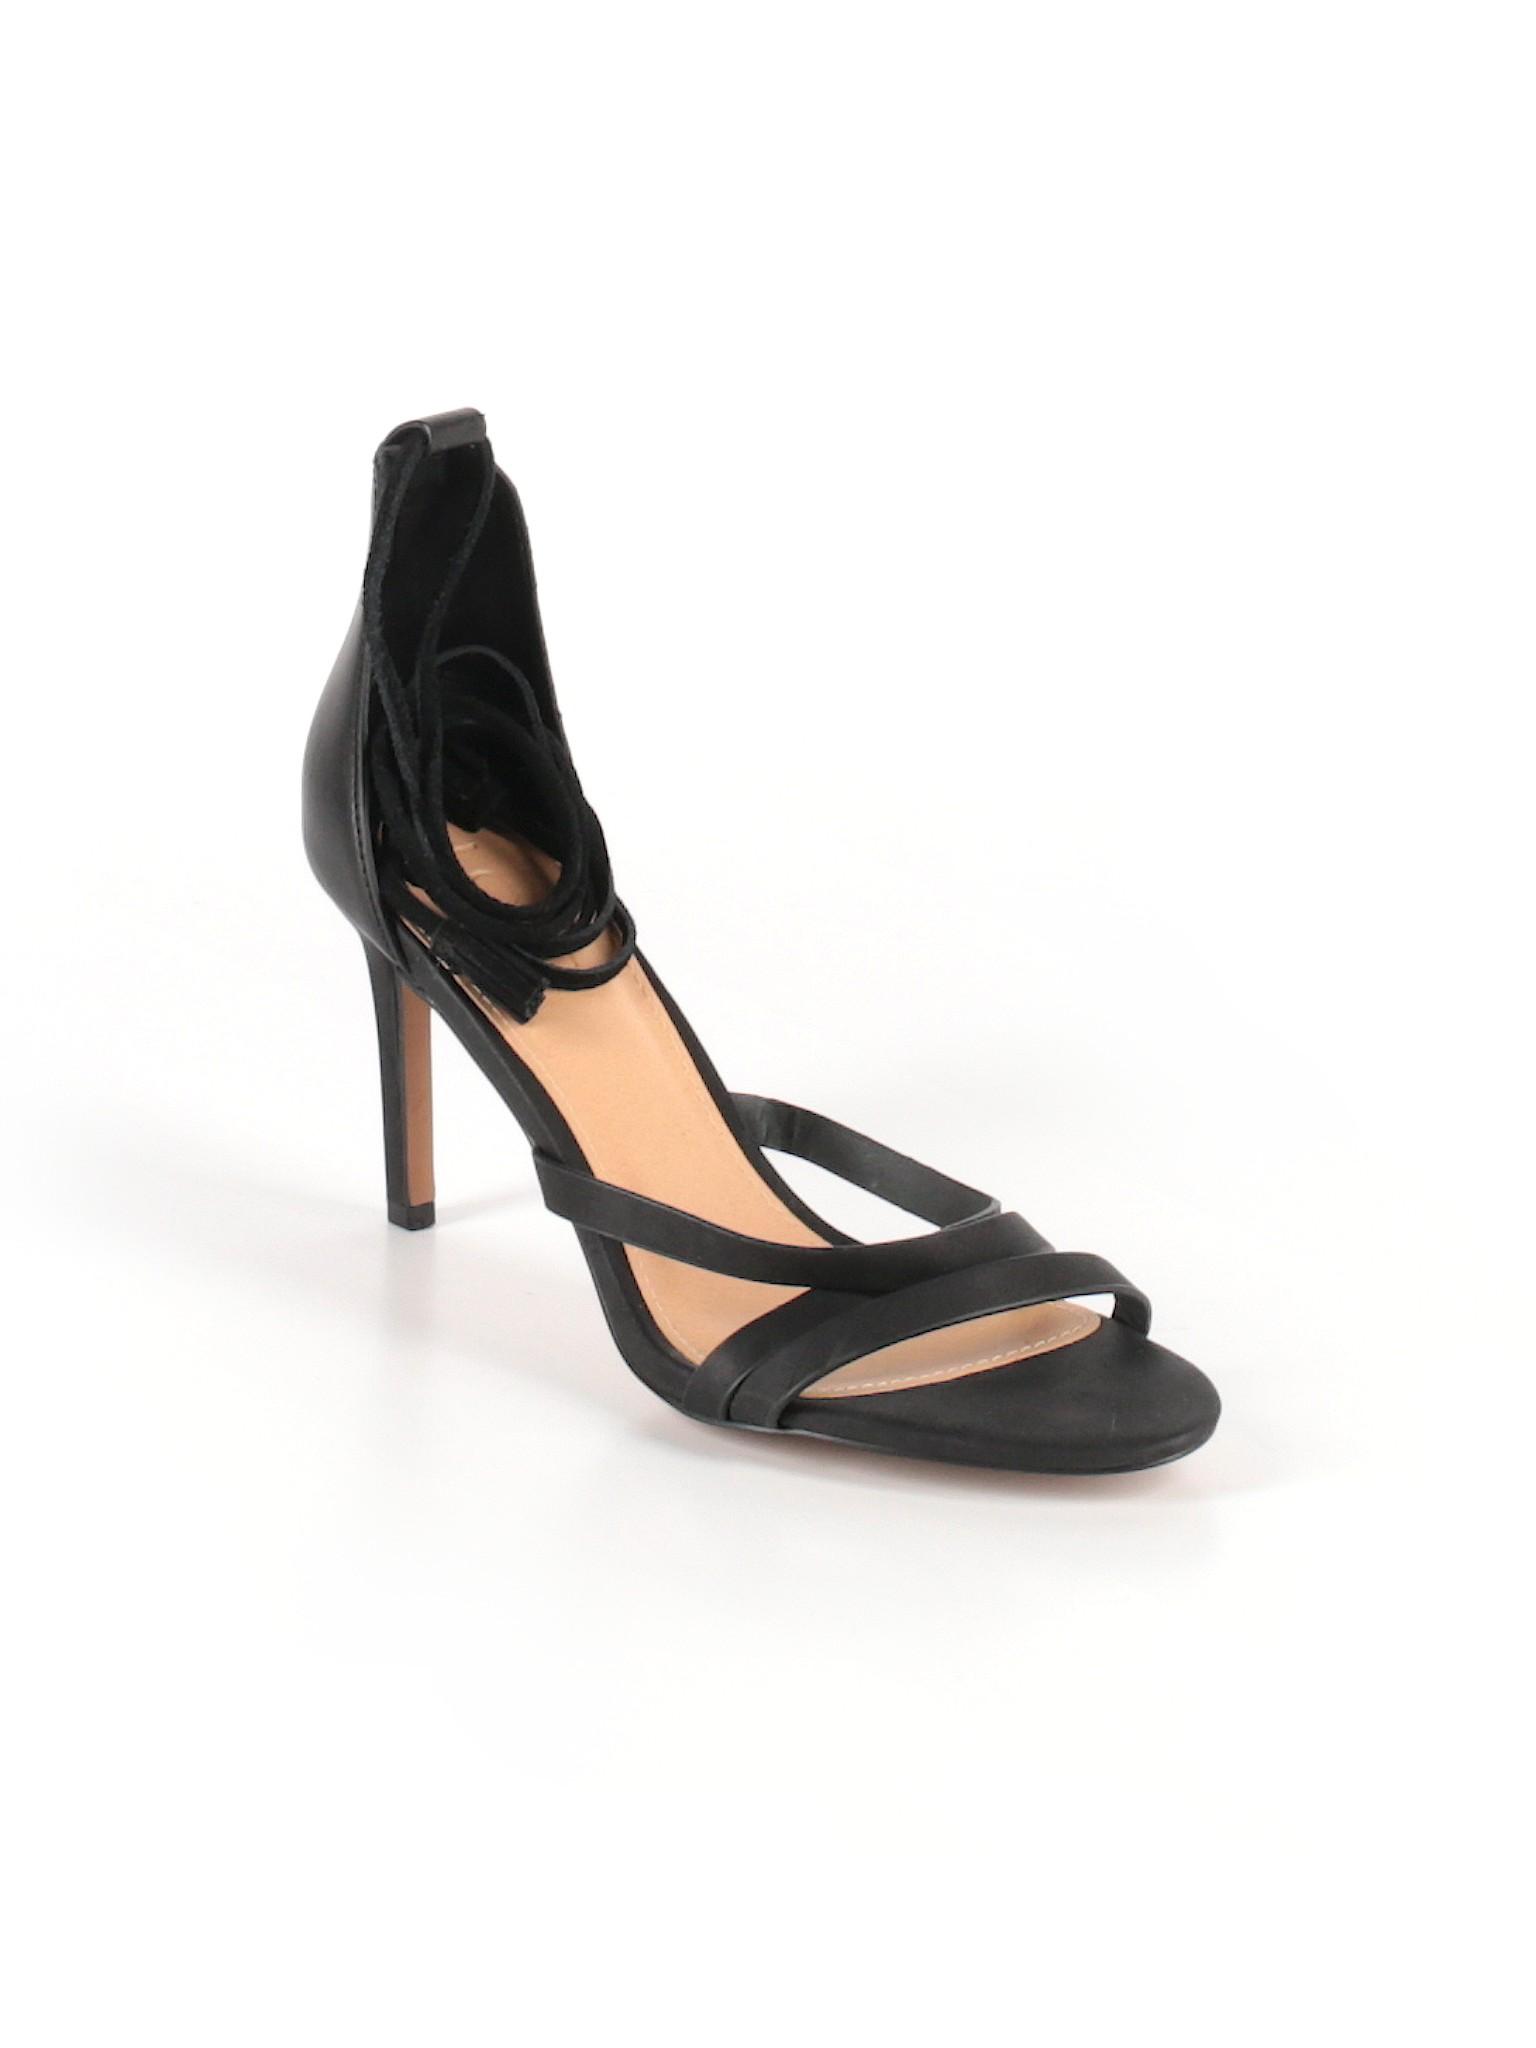 Heels Ann promotion LOFT Boutique Taylor TcSUx8Zq